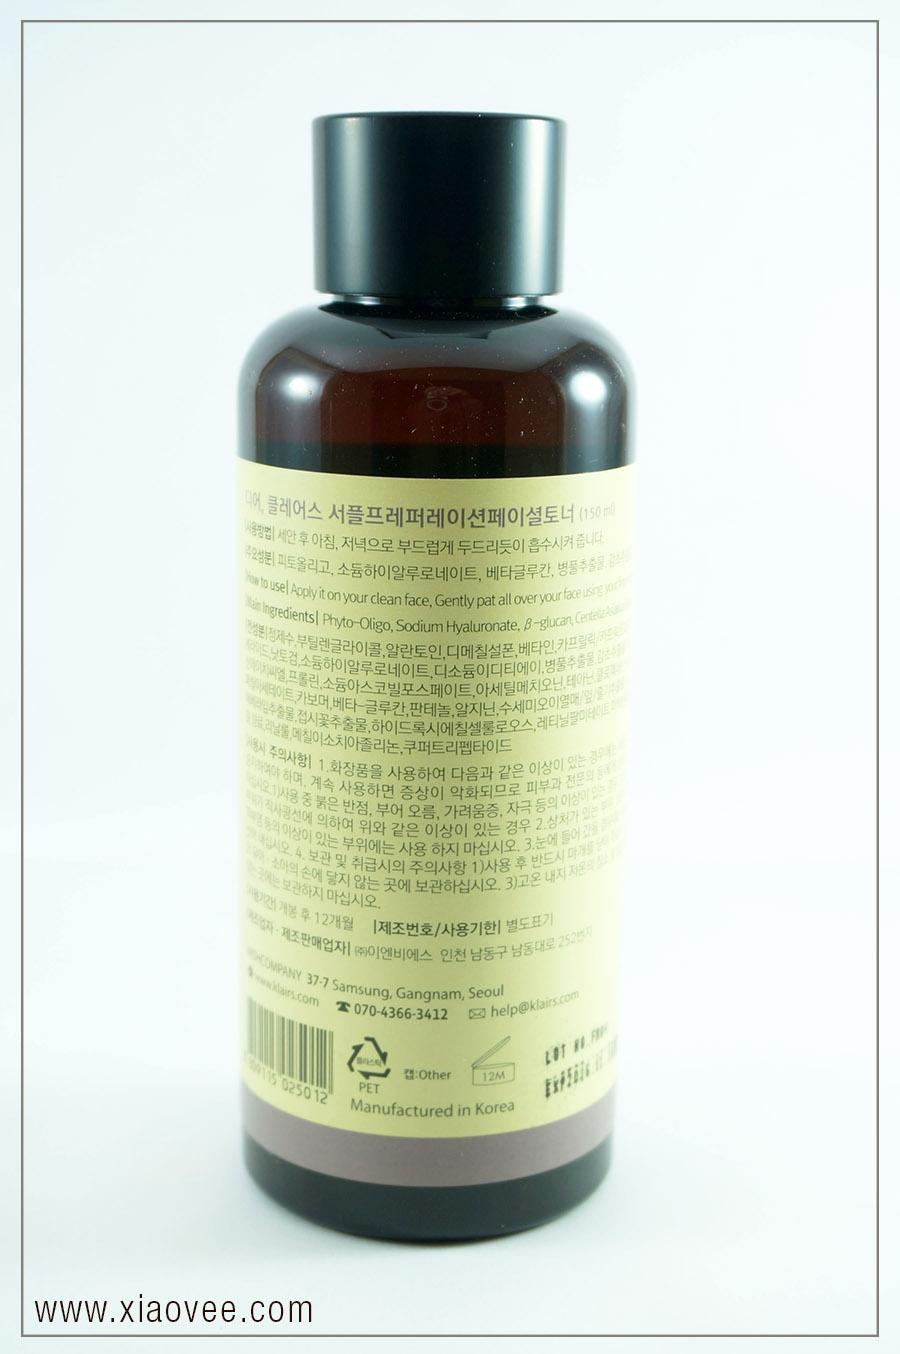 Klairs Supple Preparation Facial Toner Review, Korean Klairs Skincare Brand